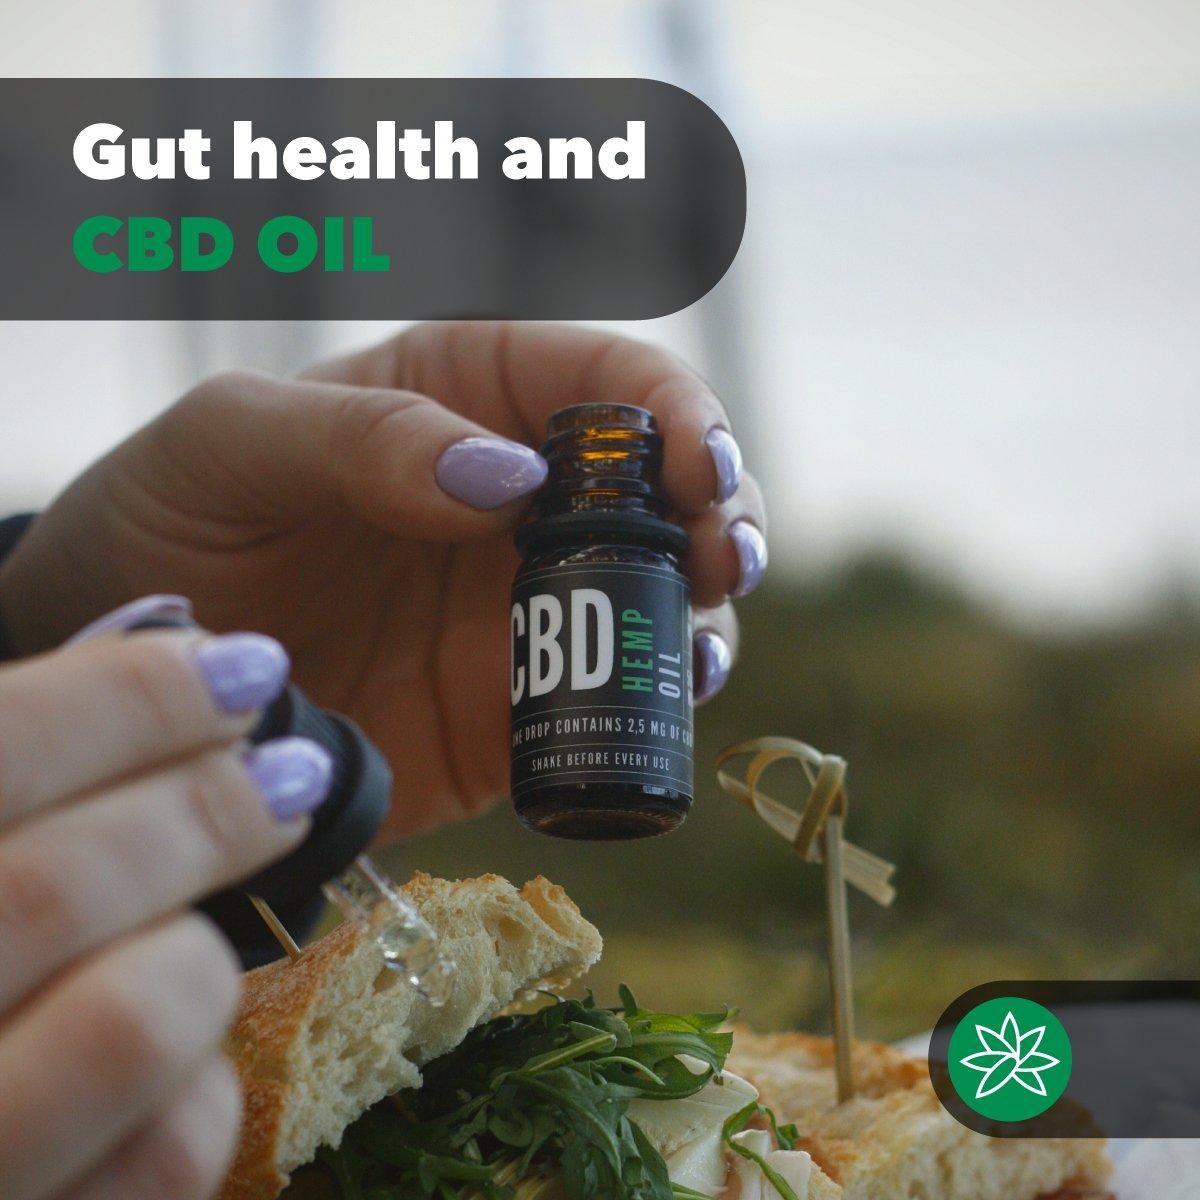 Gut health and CBD oil